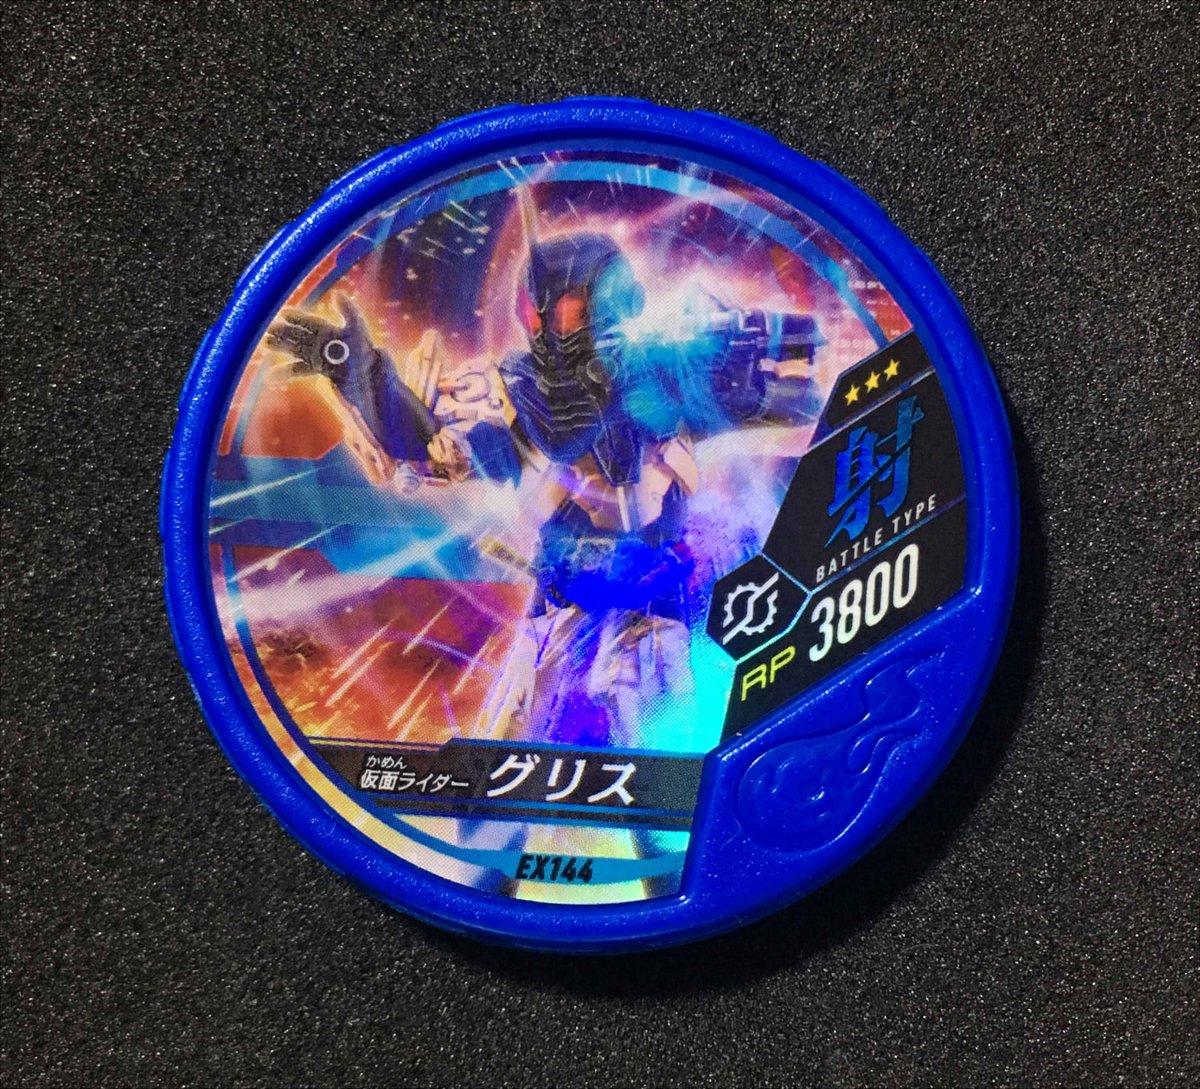 仮面ライダーブットバソウルモットラムネ2に関する画像8